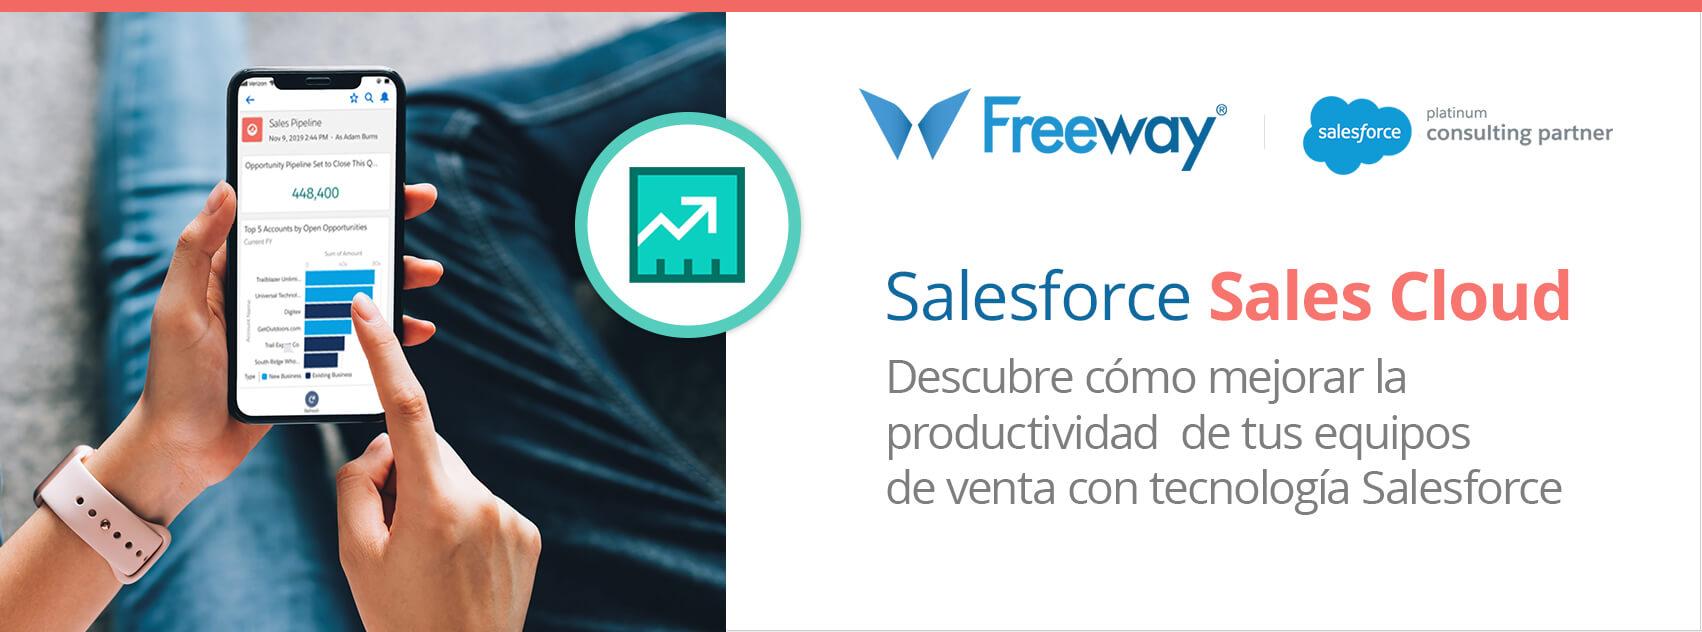 Salesforce Sales Cloud mejora la productividad de tu equipo de ventas